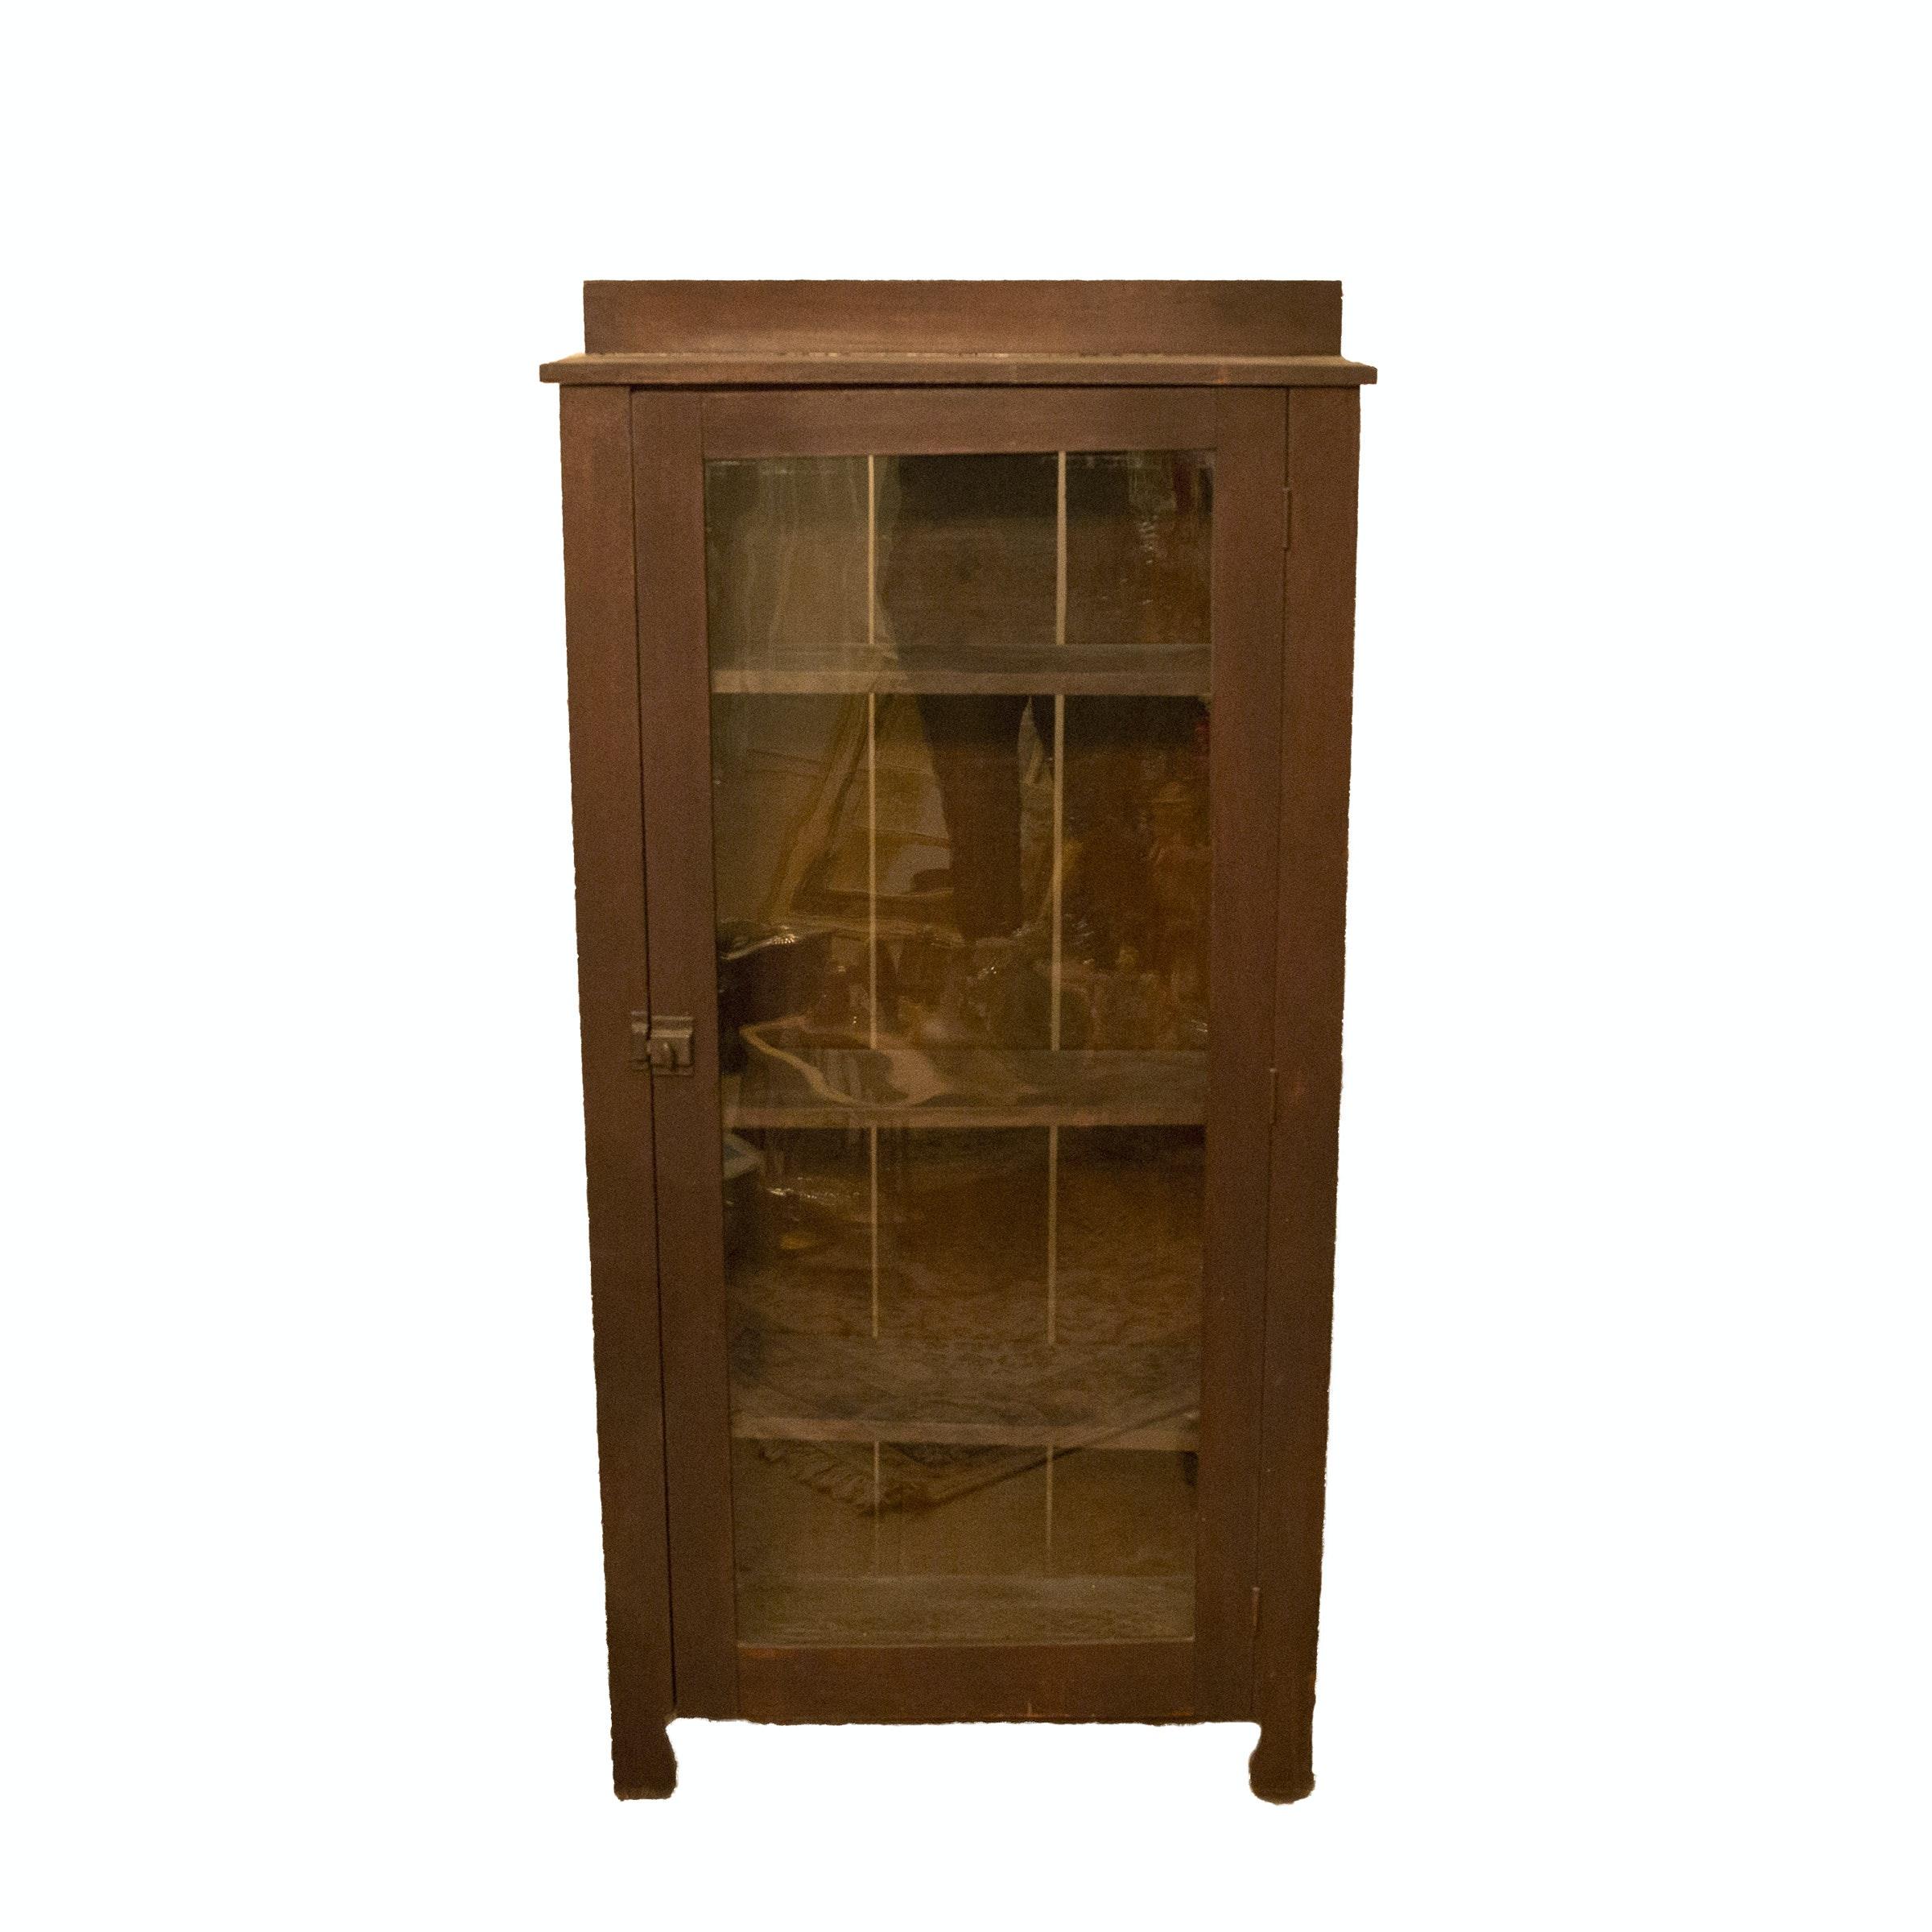 Early 20th Century Glazed-Door Jelly Cupboard